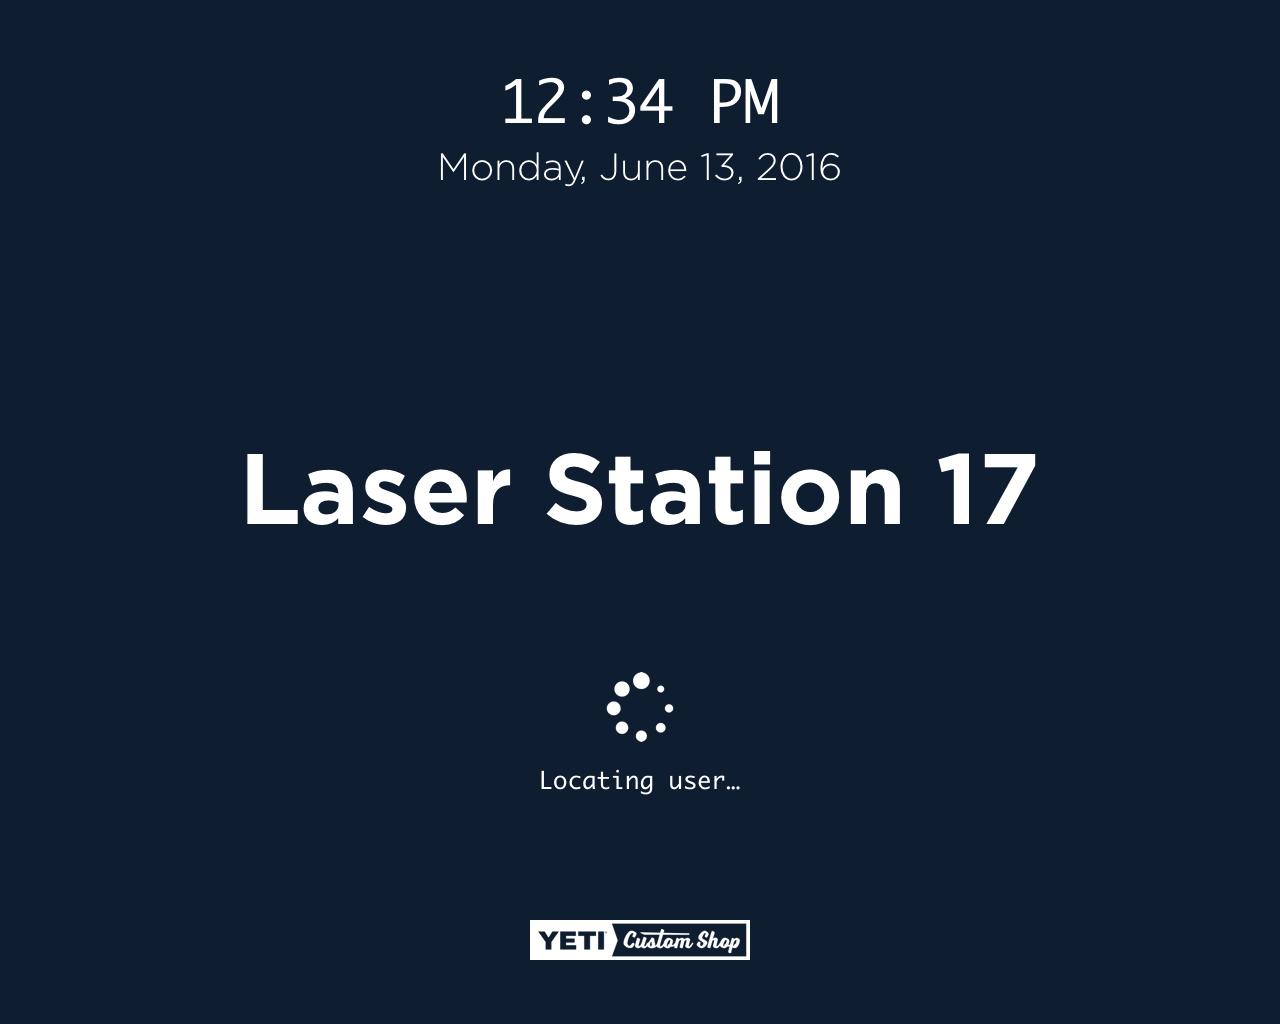 laser-station-locating-user.jpg